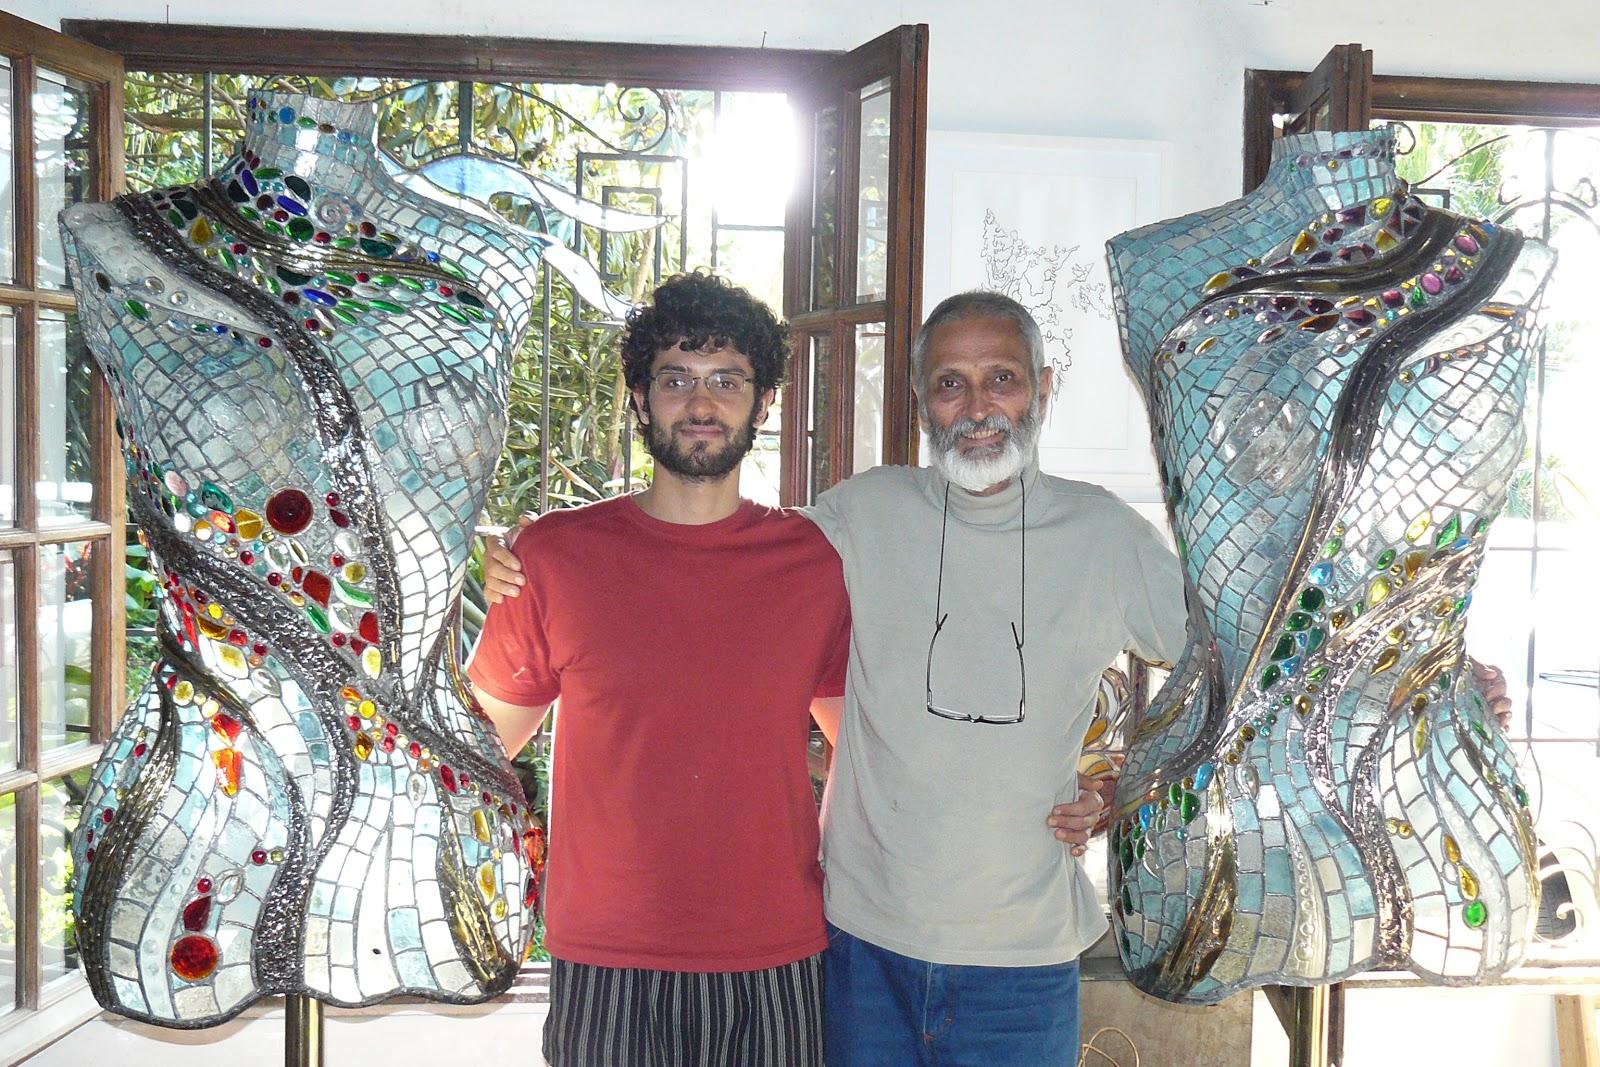 #8C3F47 sexta feira 21 de dezembro de 2012 248 Janelas De Vidro Porto Alegre